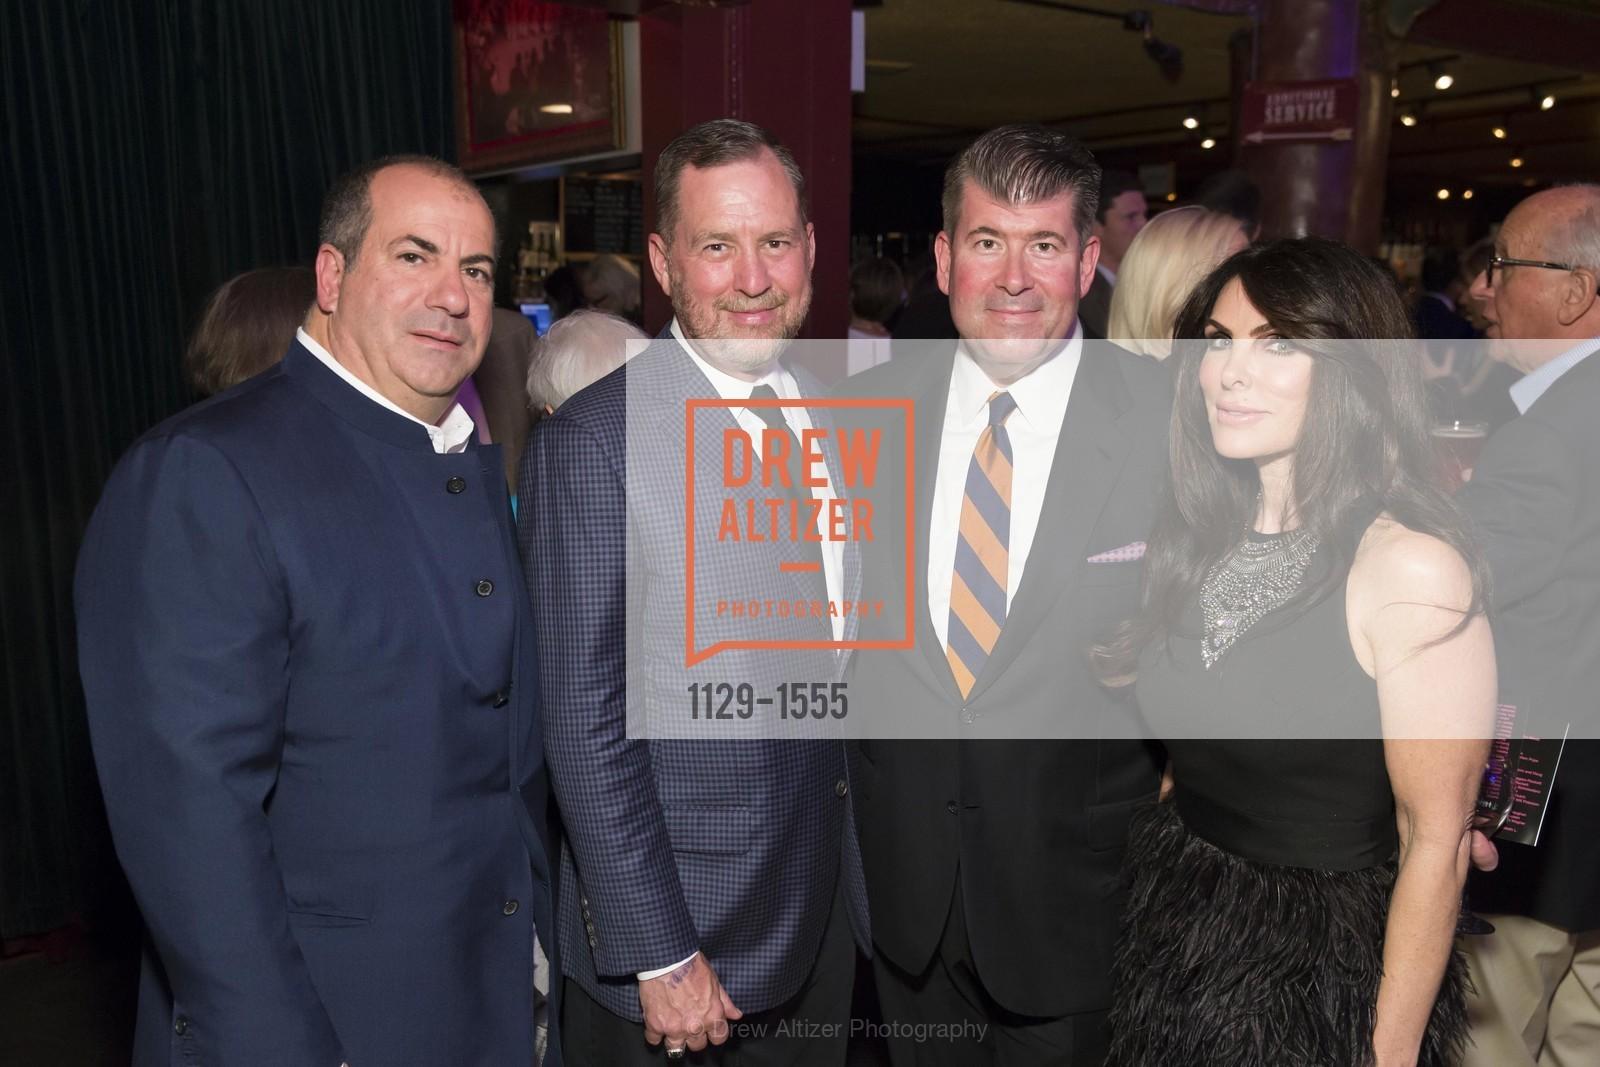 Todd Zabelle, Mike Jenoshe, Alan Morrell, Lisa Zabelle, Photo #1129-1555